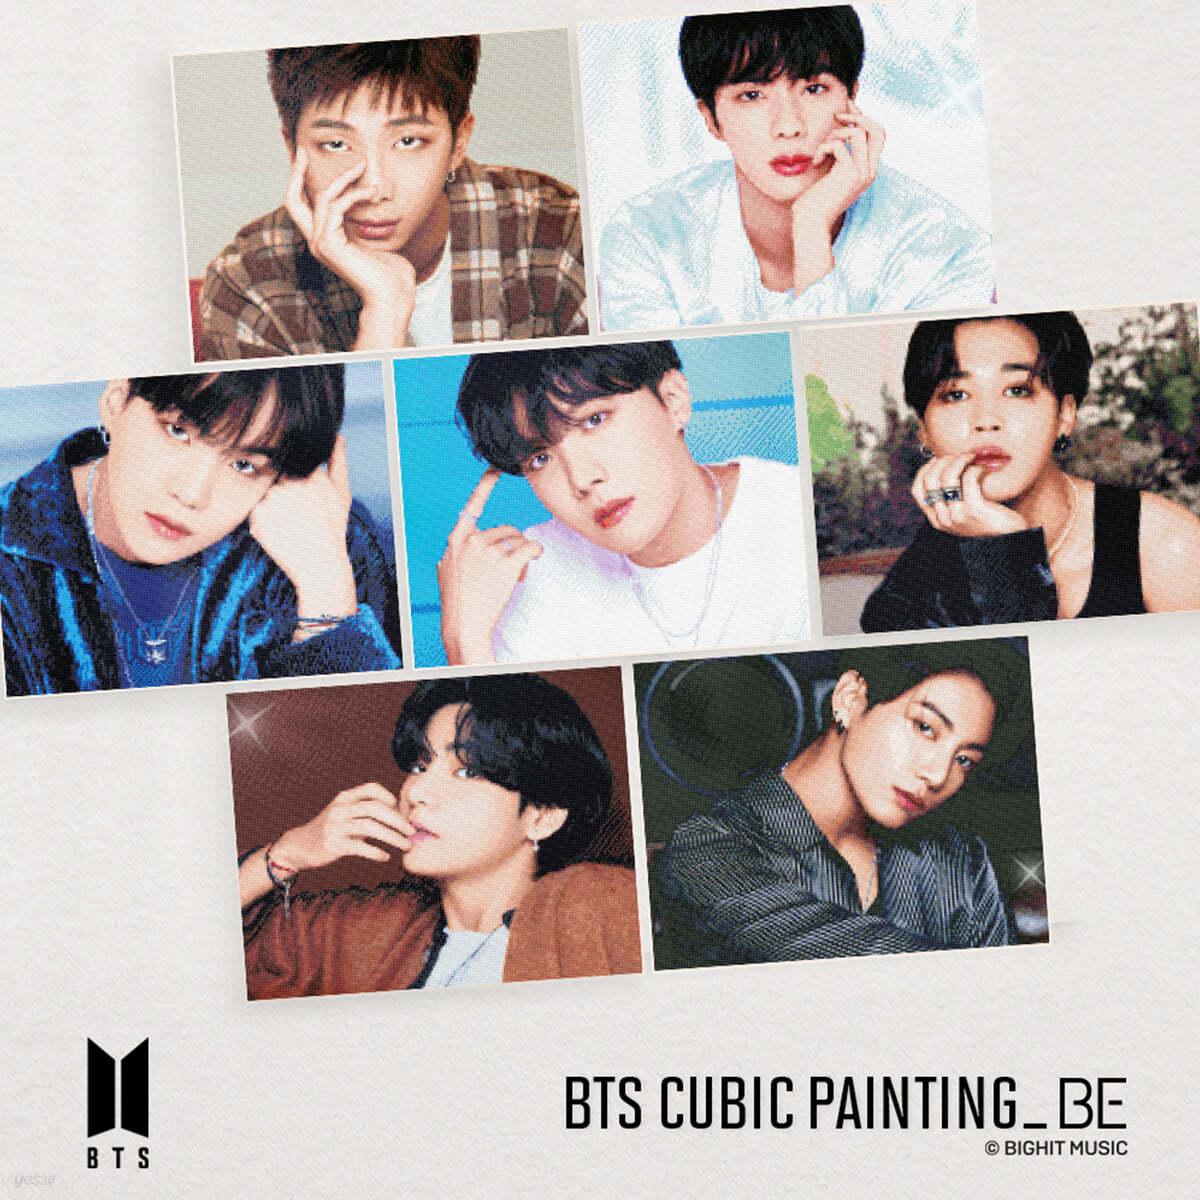 방탄소년단 (BTS) - DIY 큐빅 페인팅 [Jung Kook]